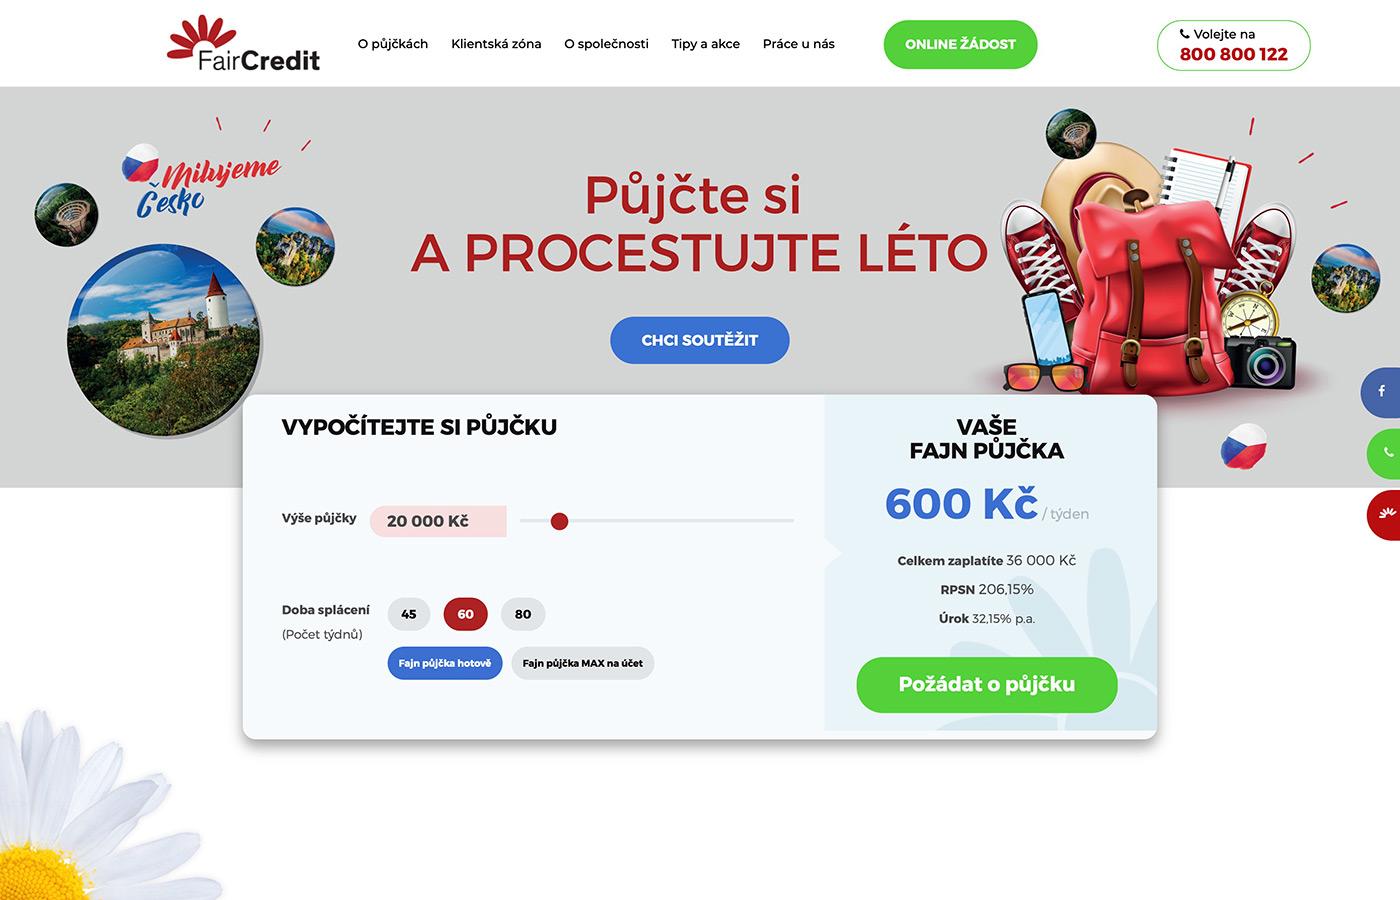 Náhled webových stránek www.faircredit.cz